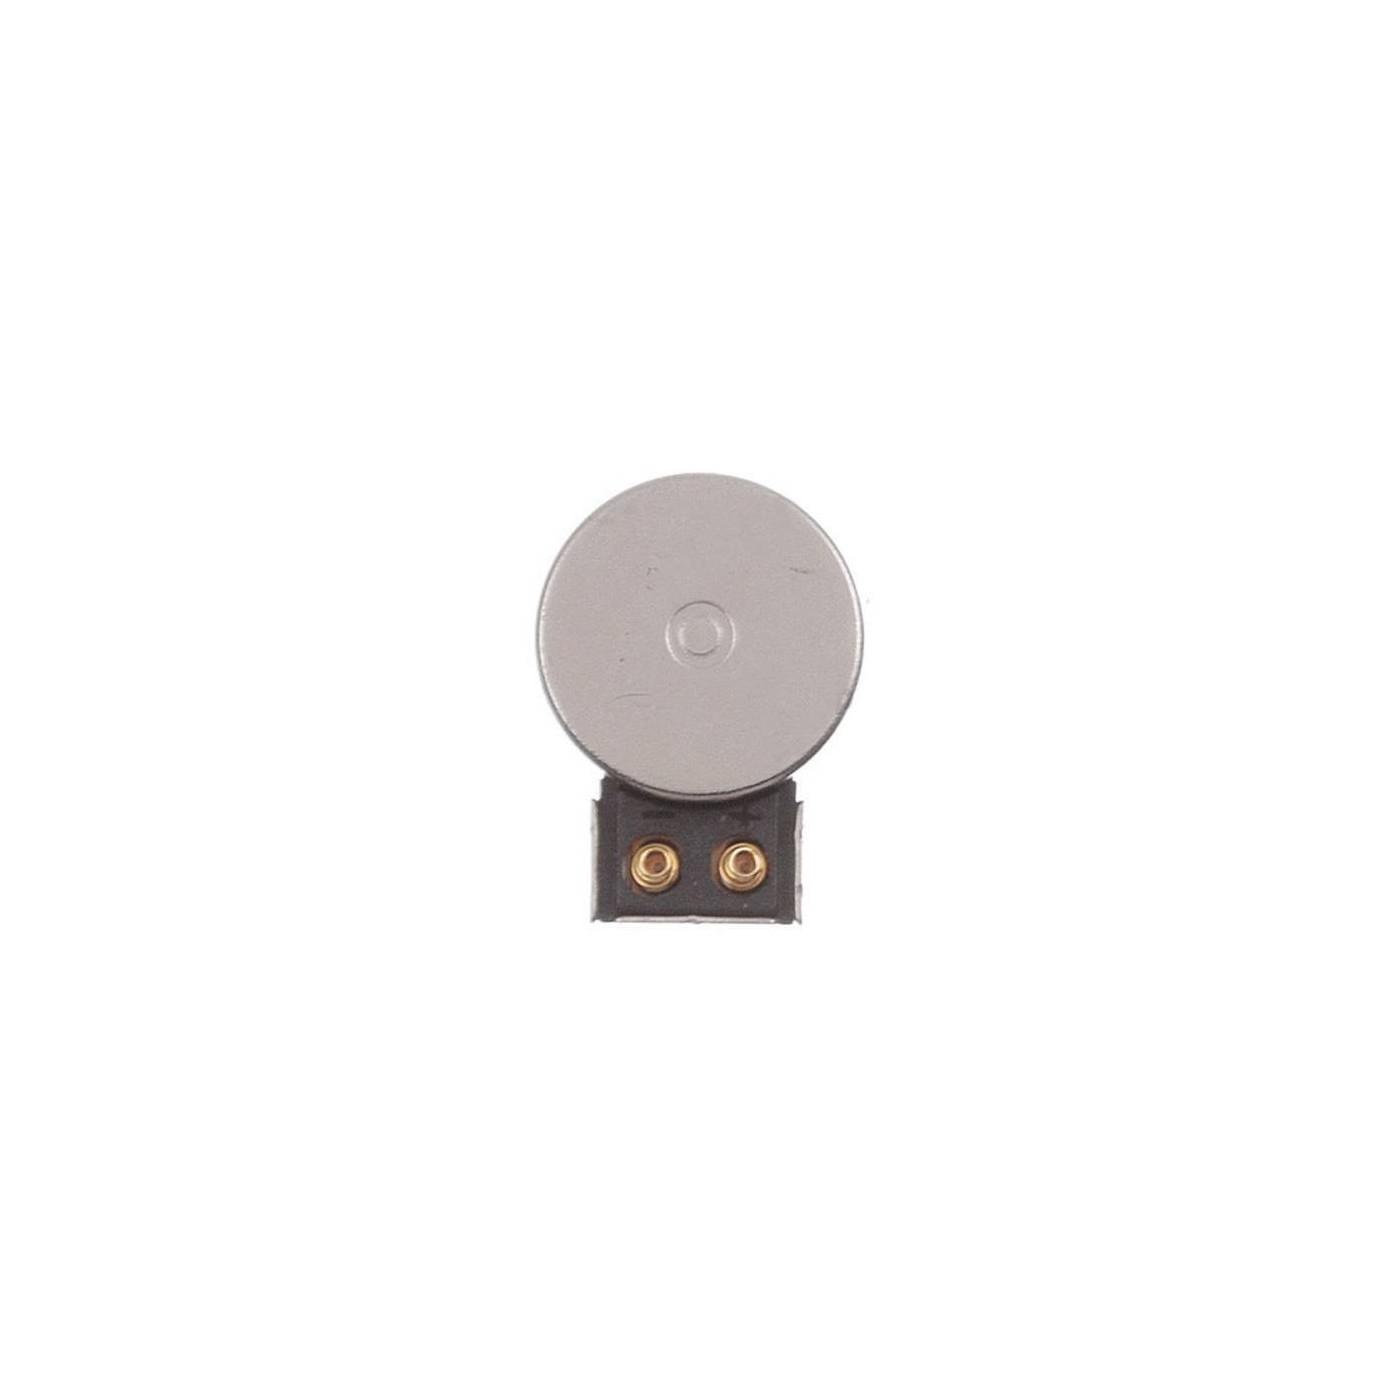 Motorino vibrazione per Google Nexus 4 / E960 ricambio